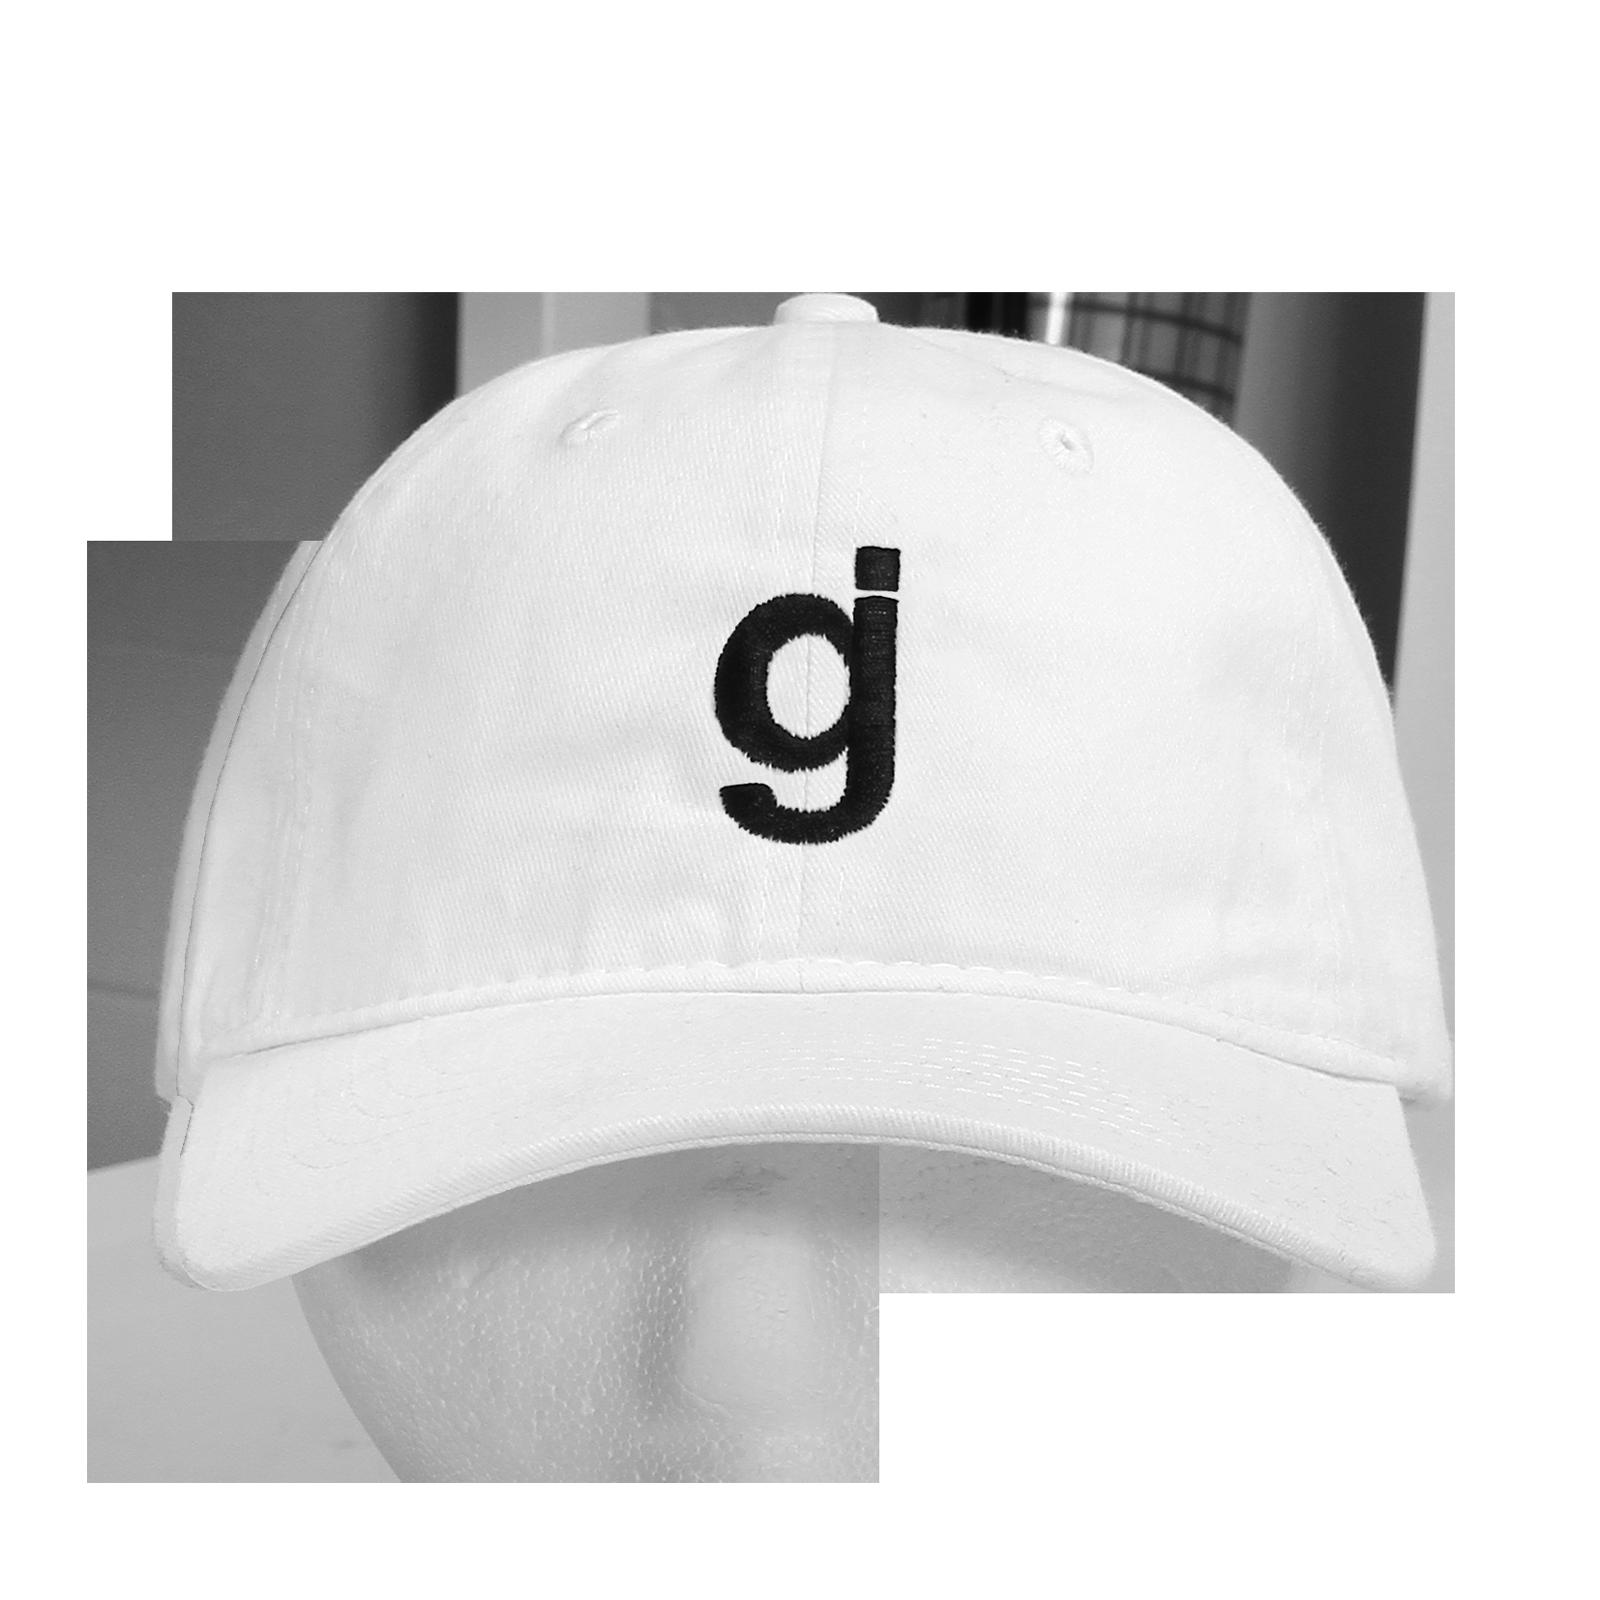 GJ White Dad Hat